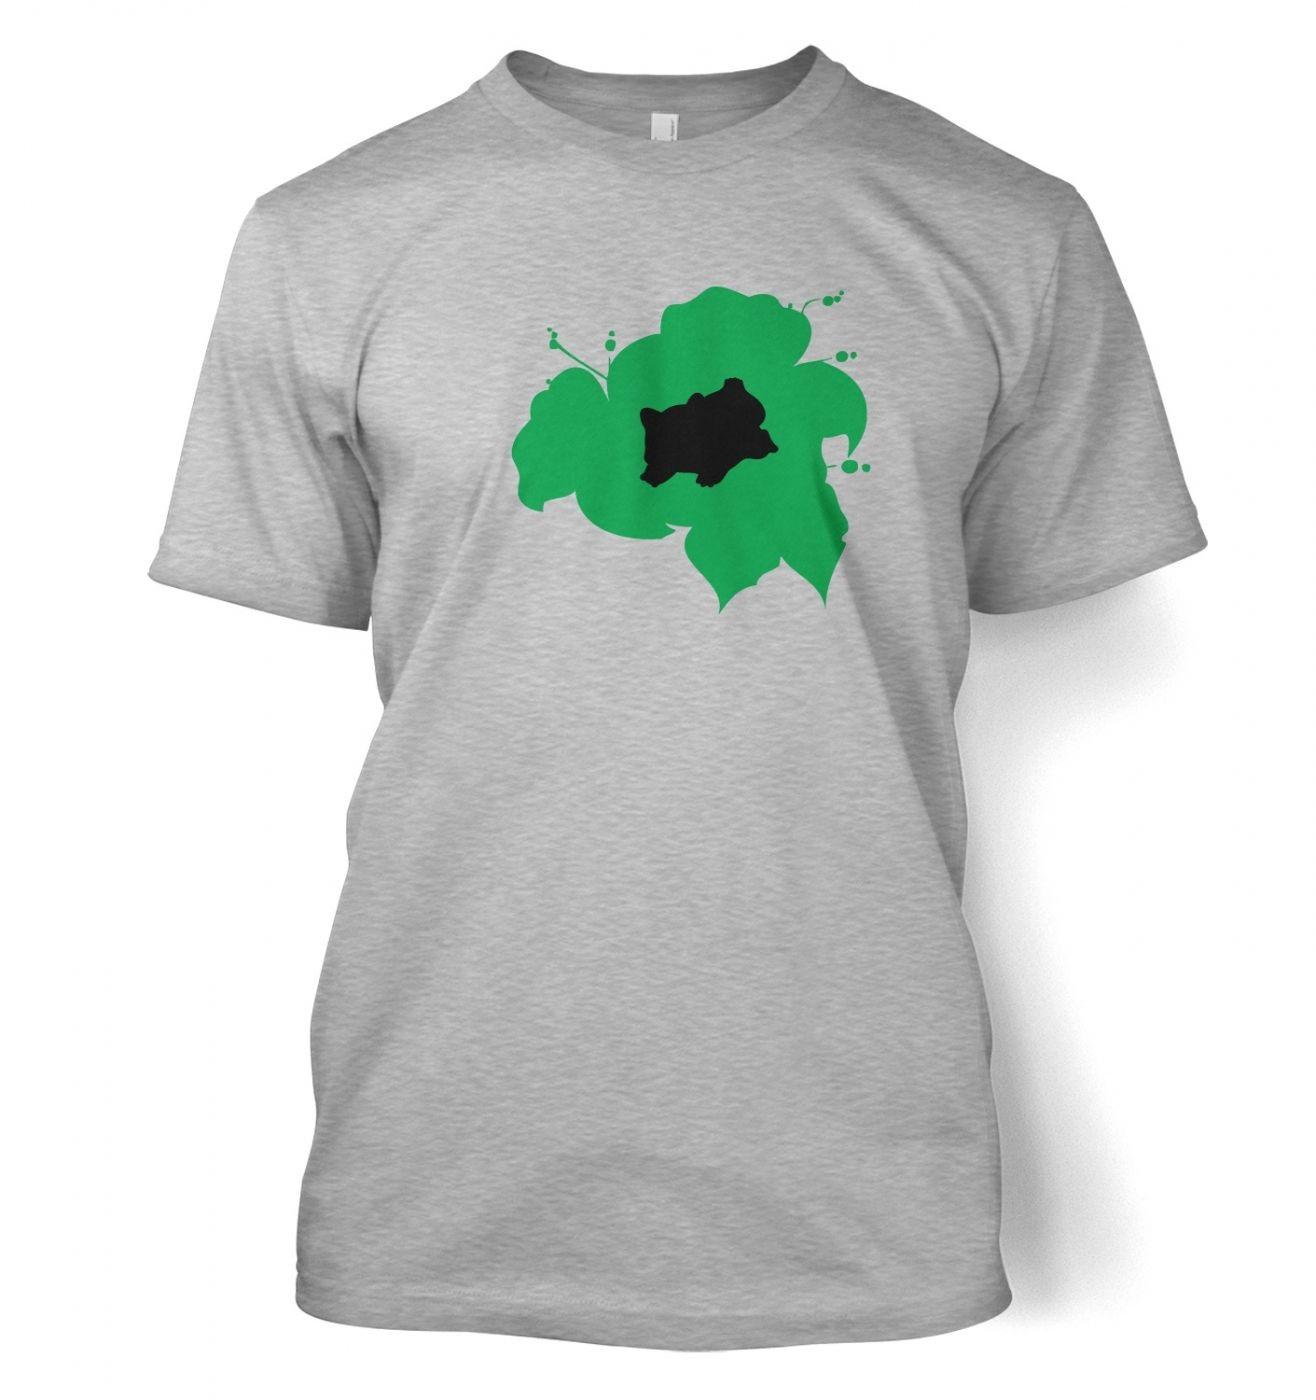 Women's Green Bulbasaur Silhouette T-Shirt - Inspired by Pokemon